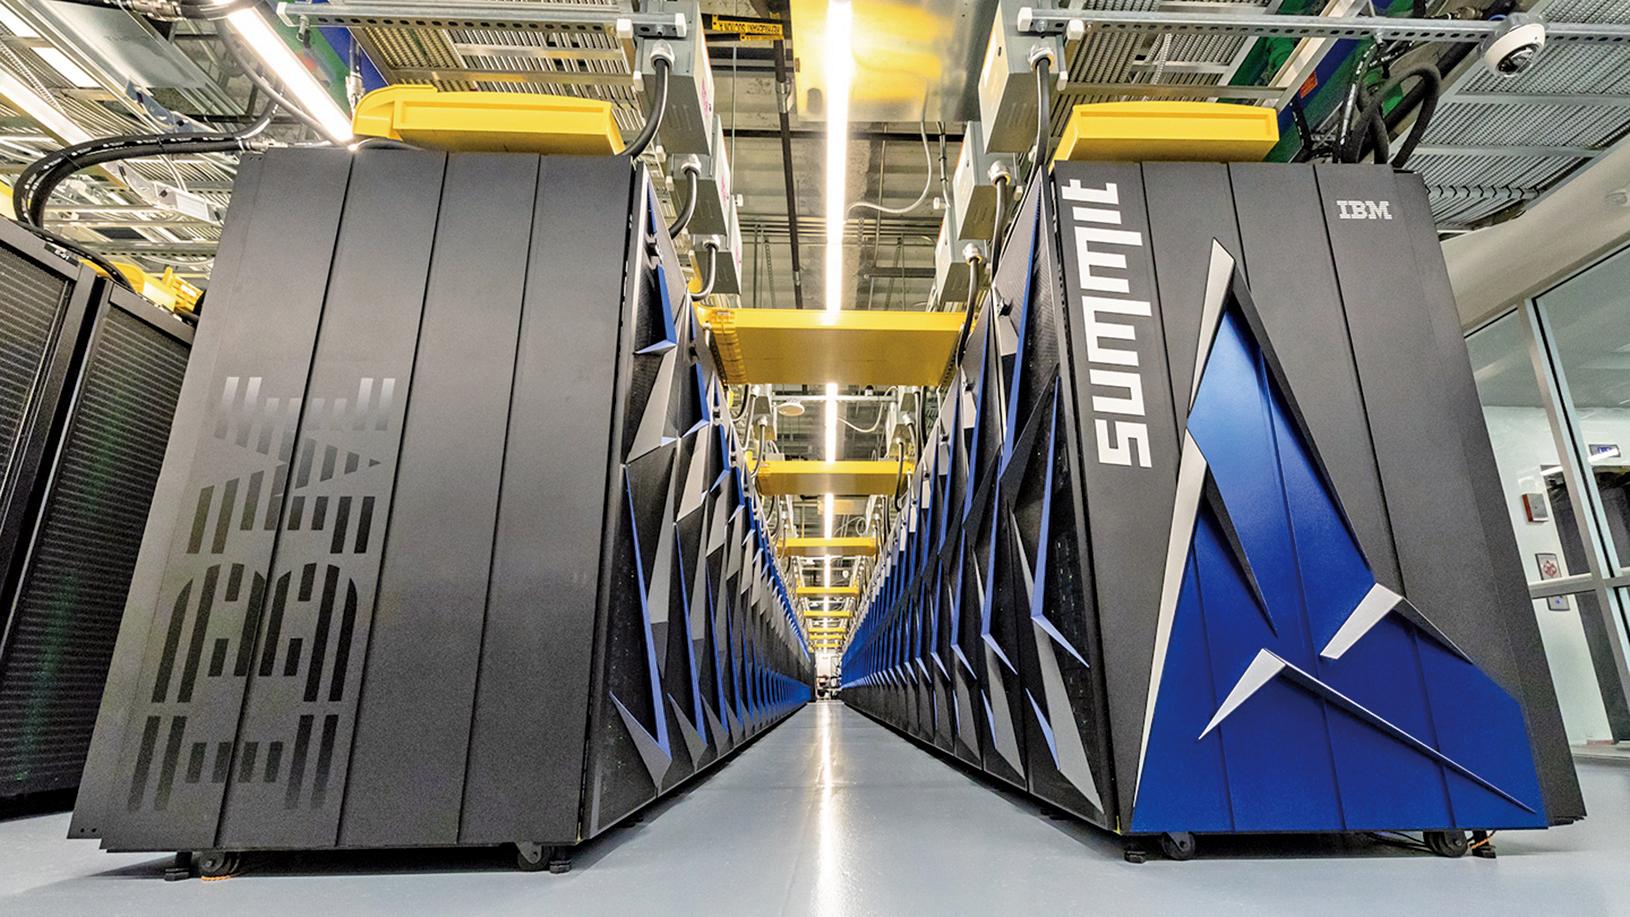 Summit超級電腦耗資2億美元,每秒可運算20億億次,人們原計劃未來20年才可能解決的事情在未來5年就能解決了。(Oak Ridge National Laboratory)